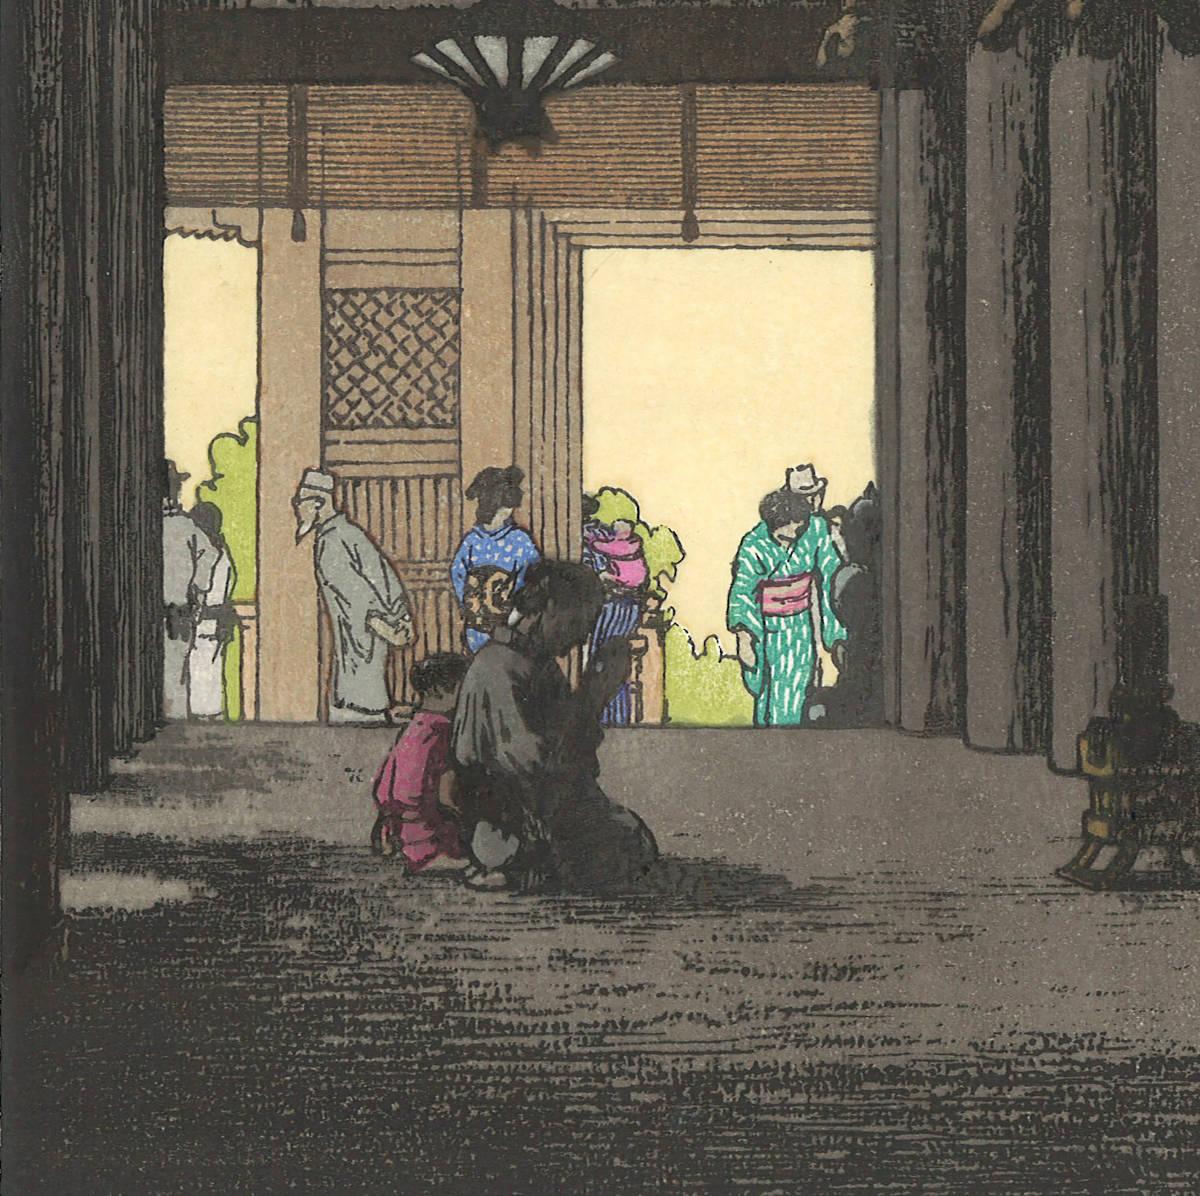 吉田遠志 木版画   清水寺  (Kiyomizu temple)    最高峰の摺師の技をご堪能下さい!!_画像10